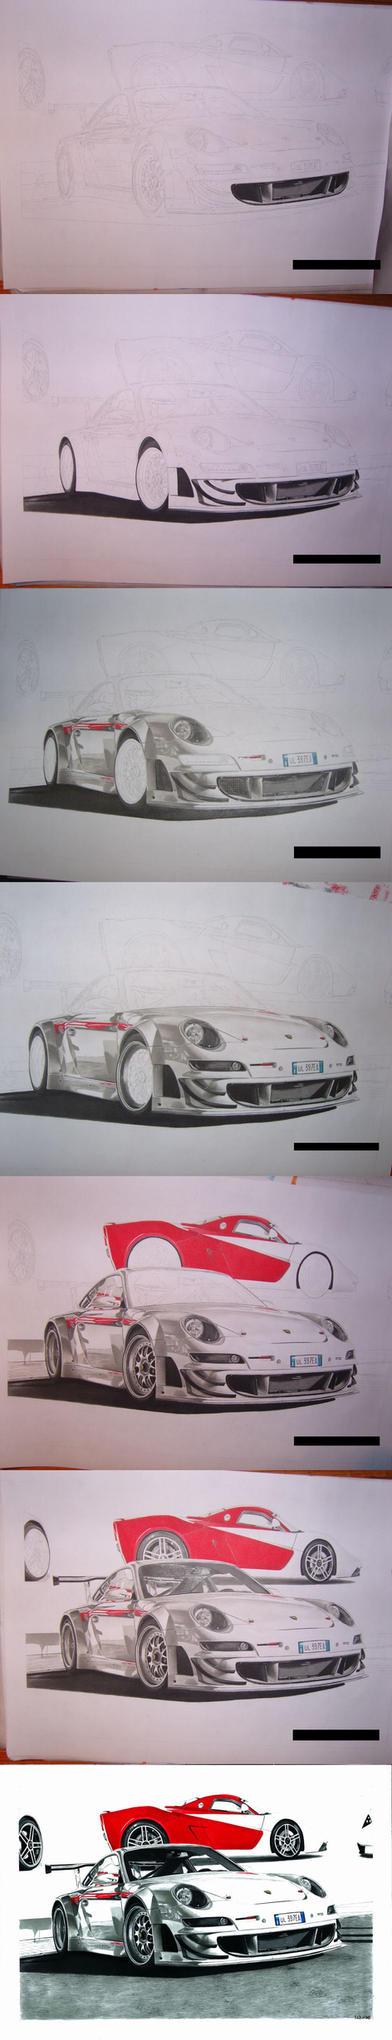 Porsche RSR W.I.P by przemus